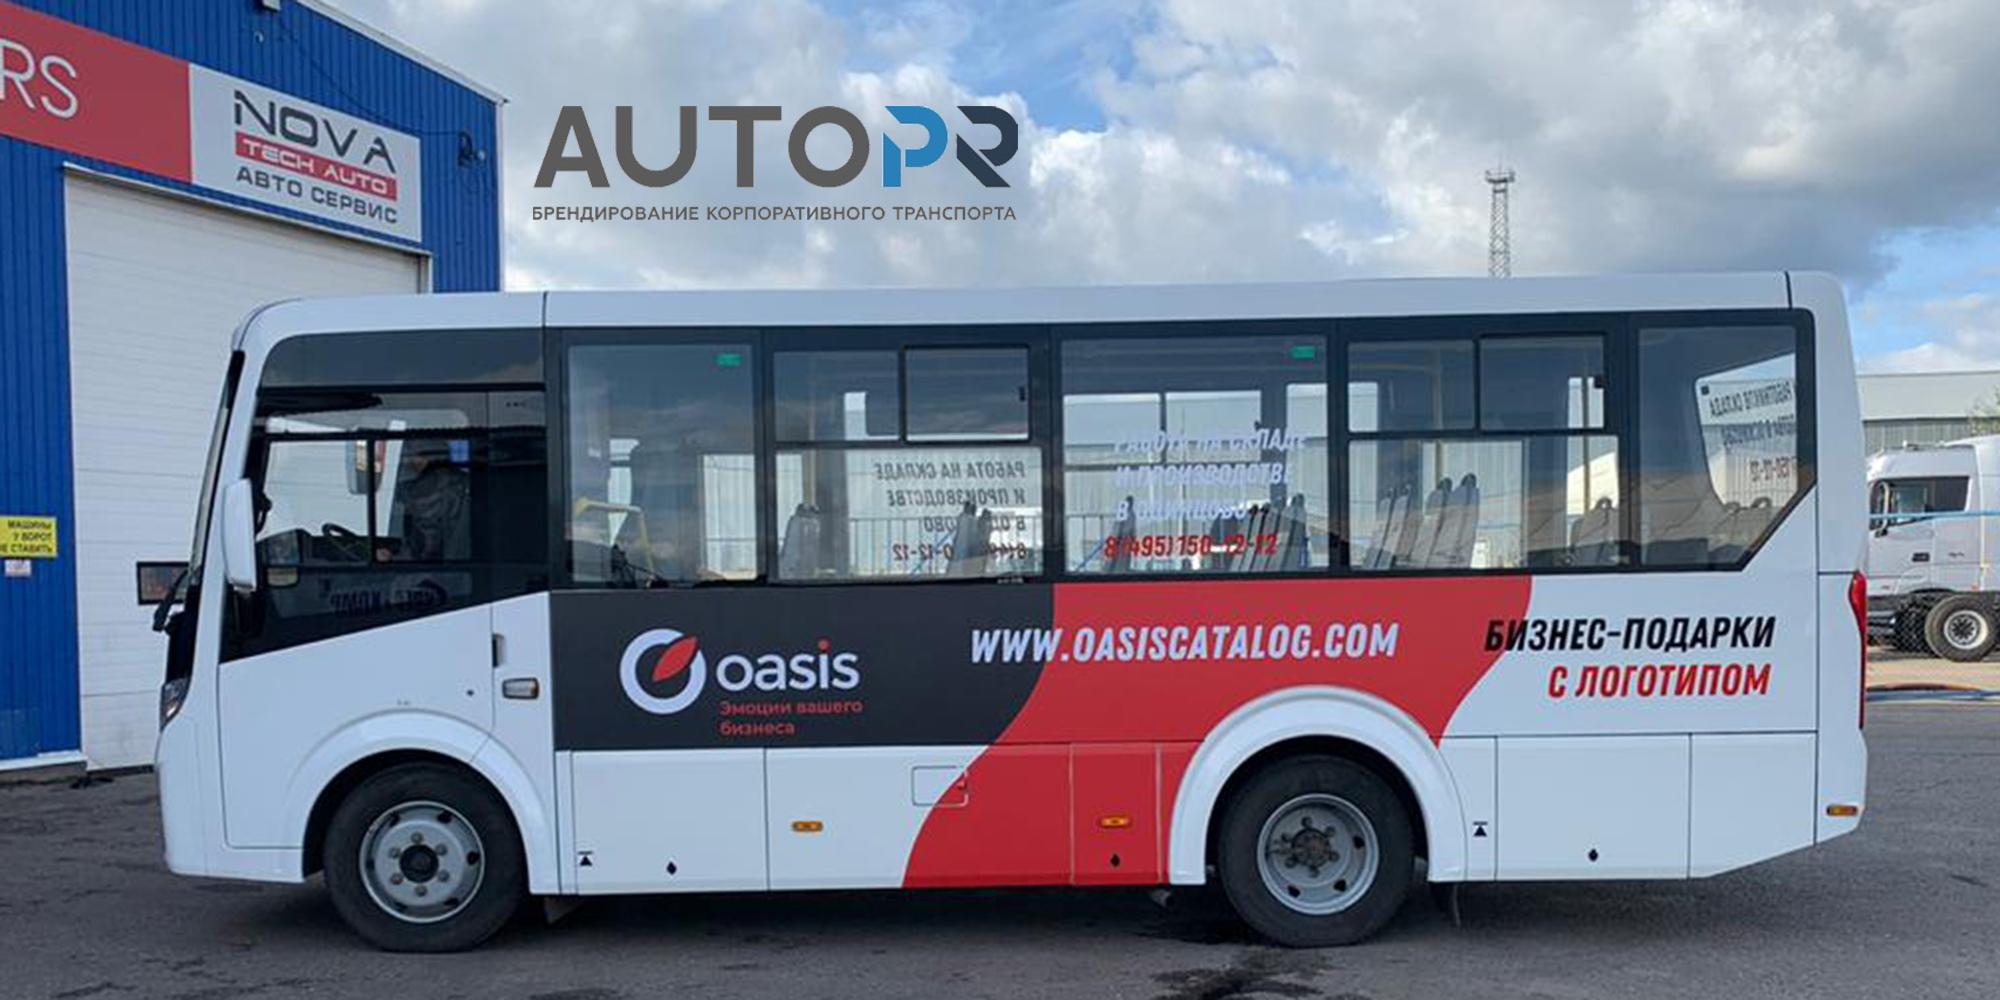 оклейка автобуса Oasis 3